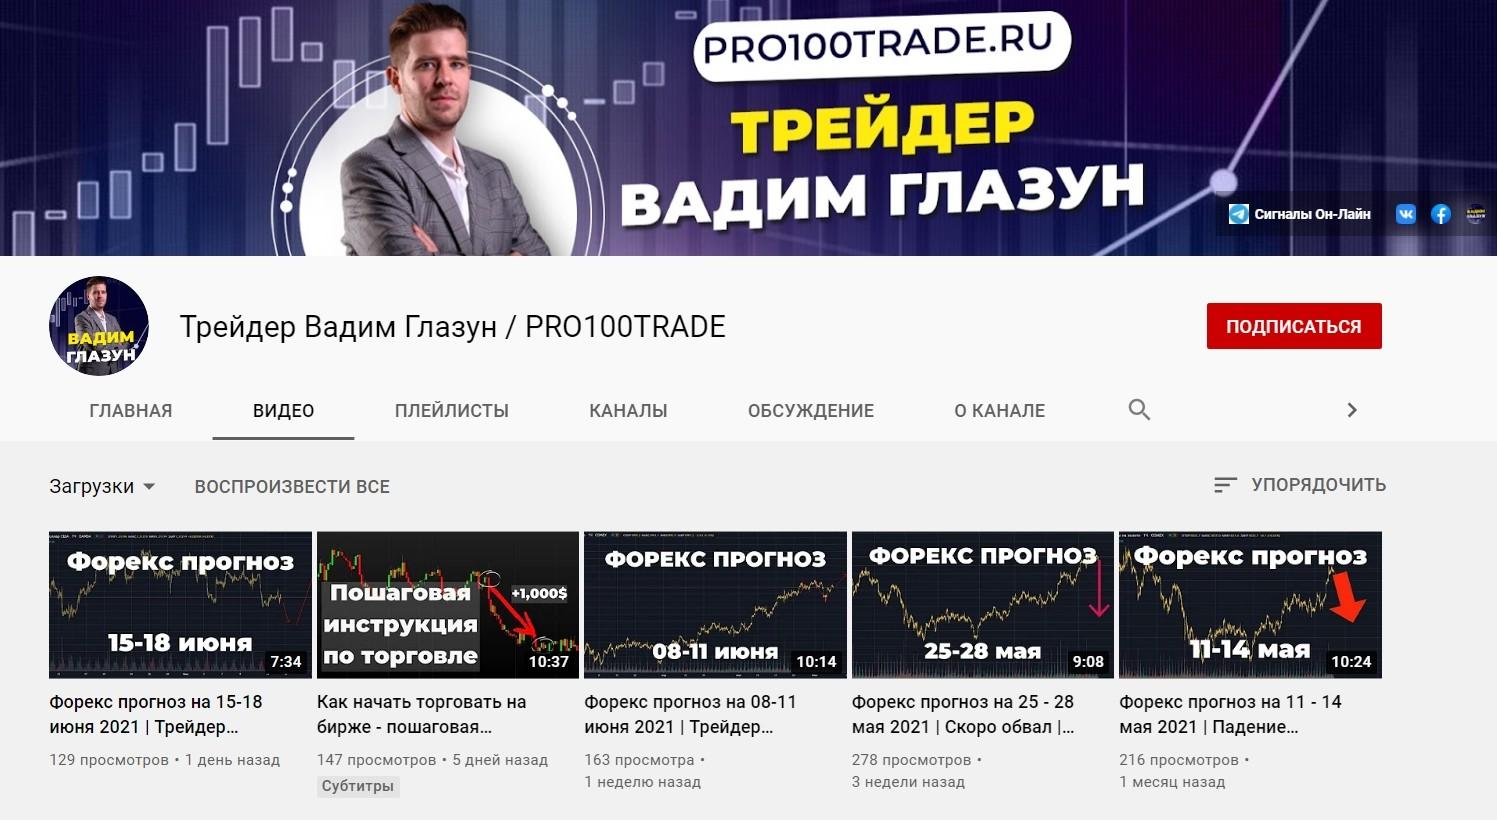 Ютуб Канал Вадима Глазуна